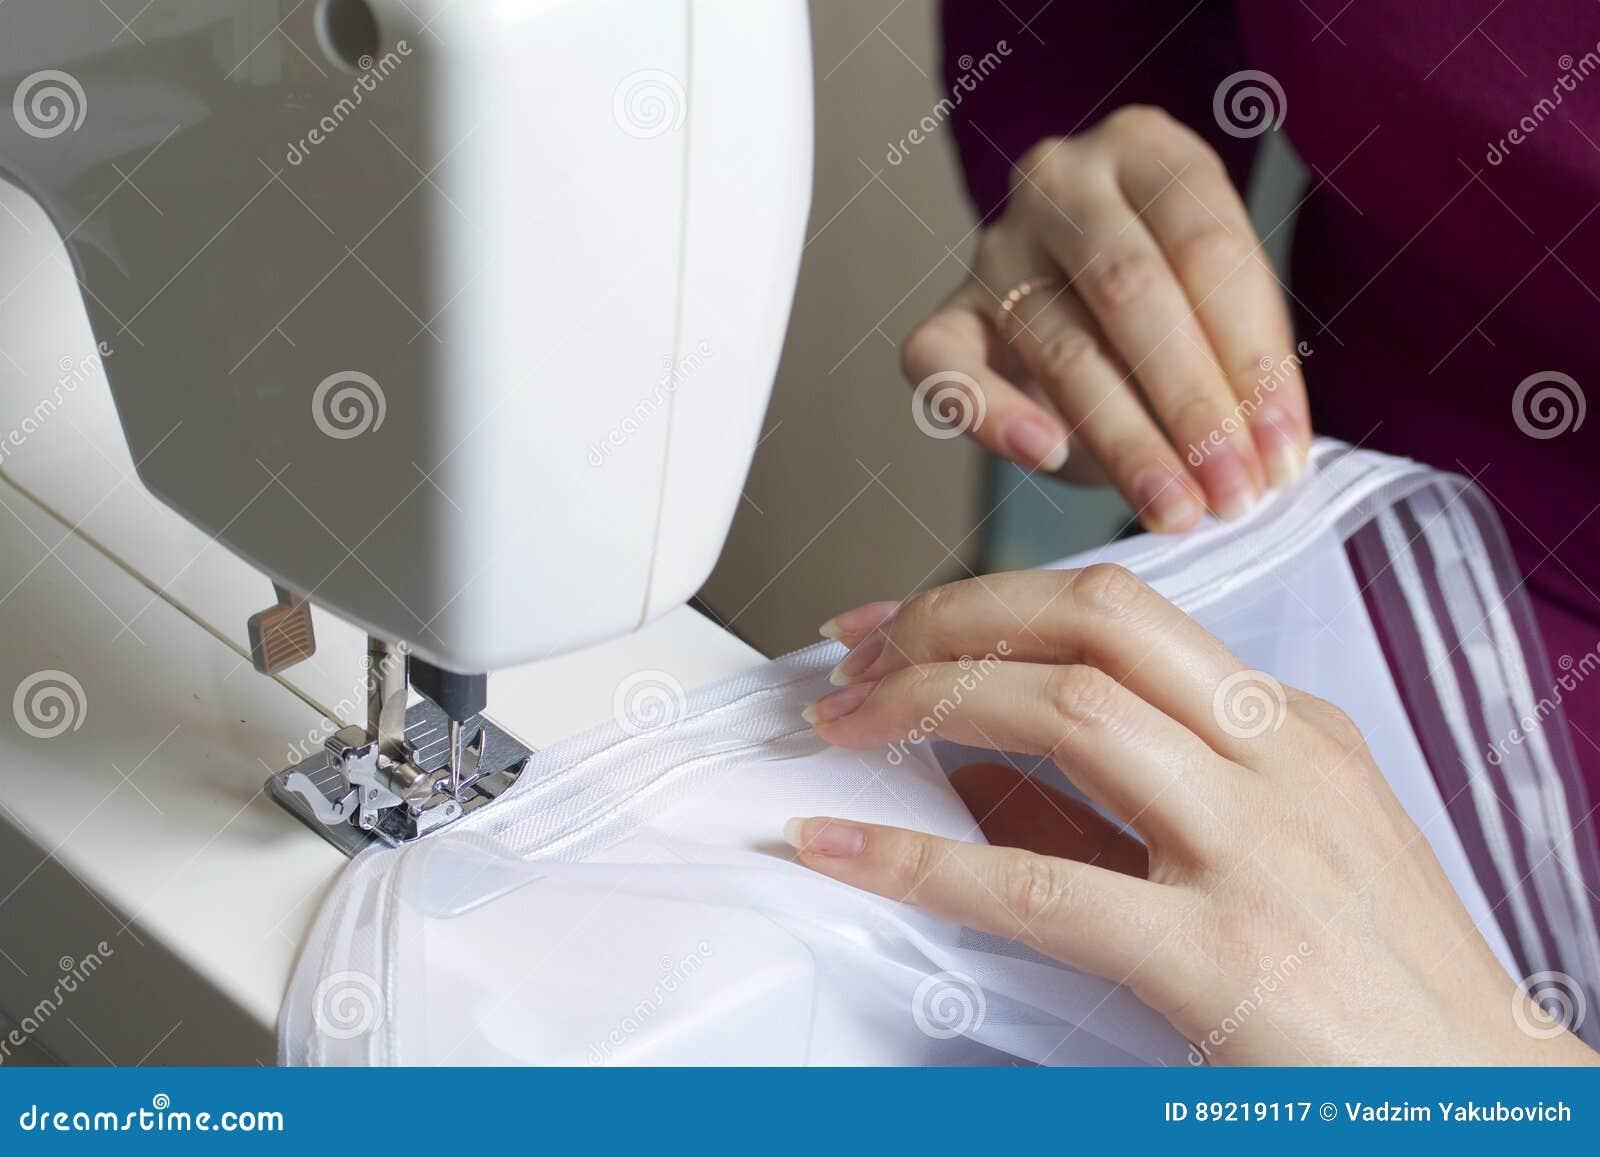 Kobieta pracuje na szwalnej maszynie Szy zasłony na okno